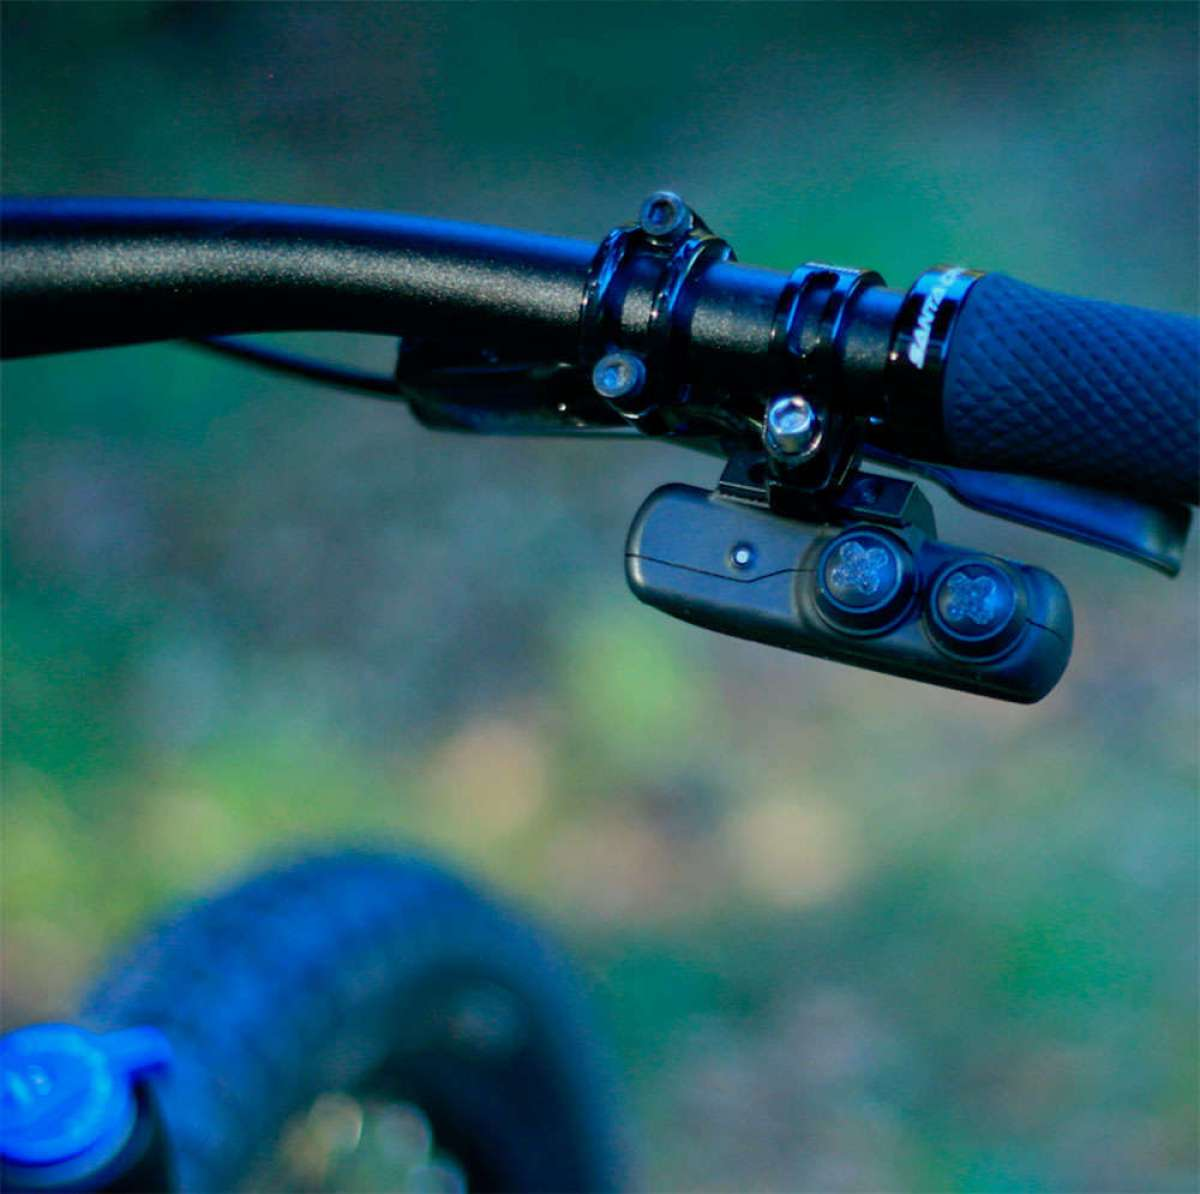 A la venta Archer D1x, un kit que convierte una transmisión mecánica en una transmisión electrónica e inalámbrica